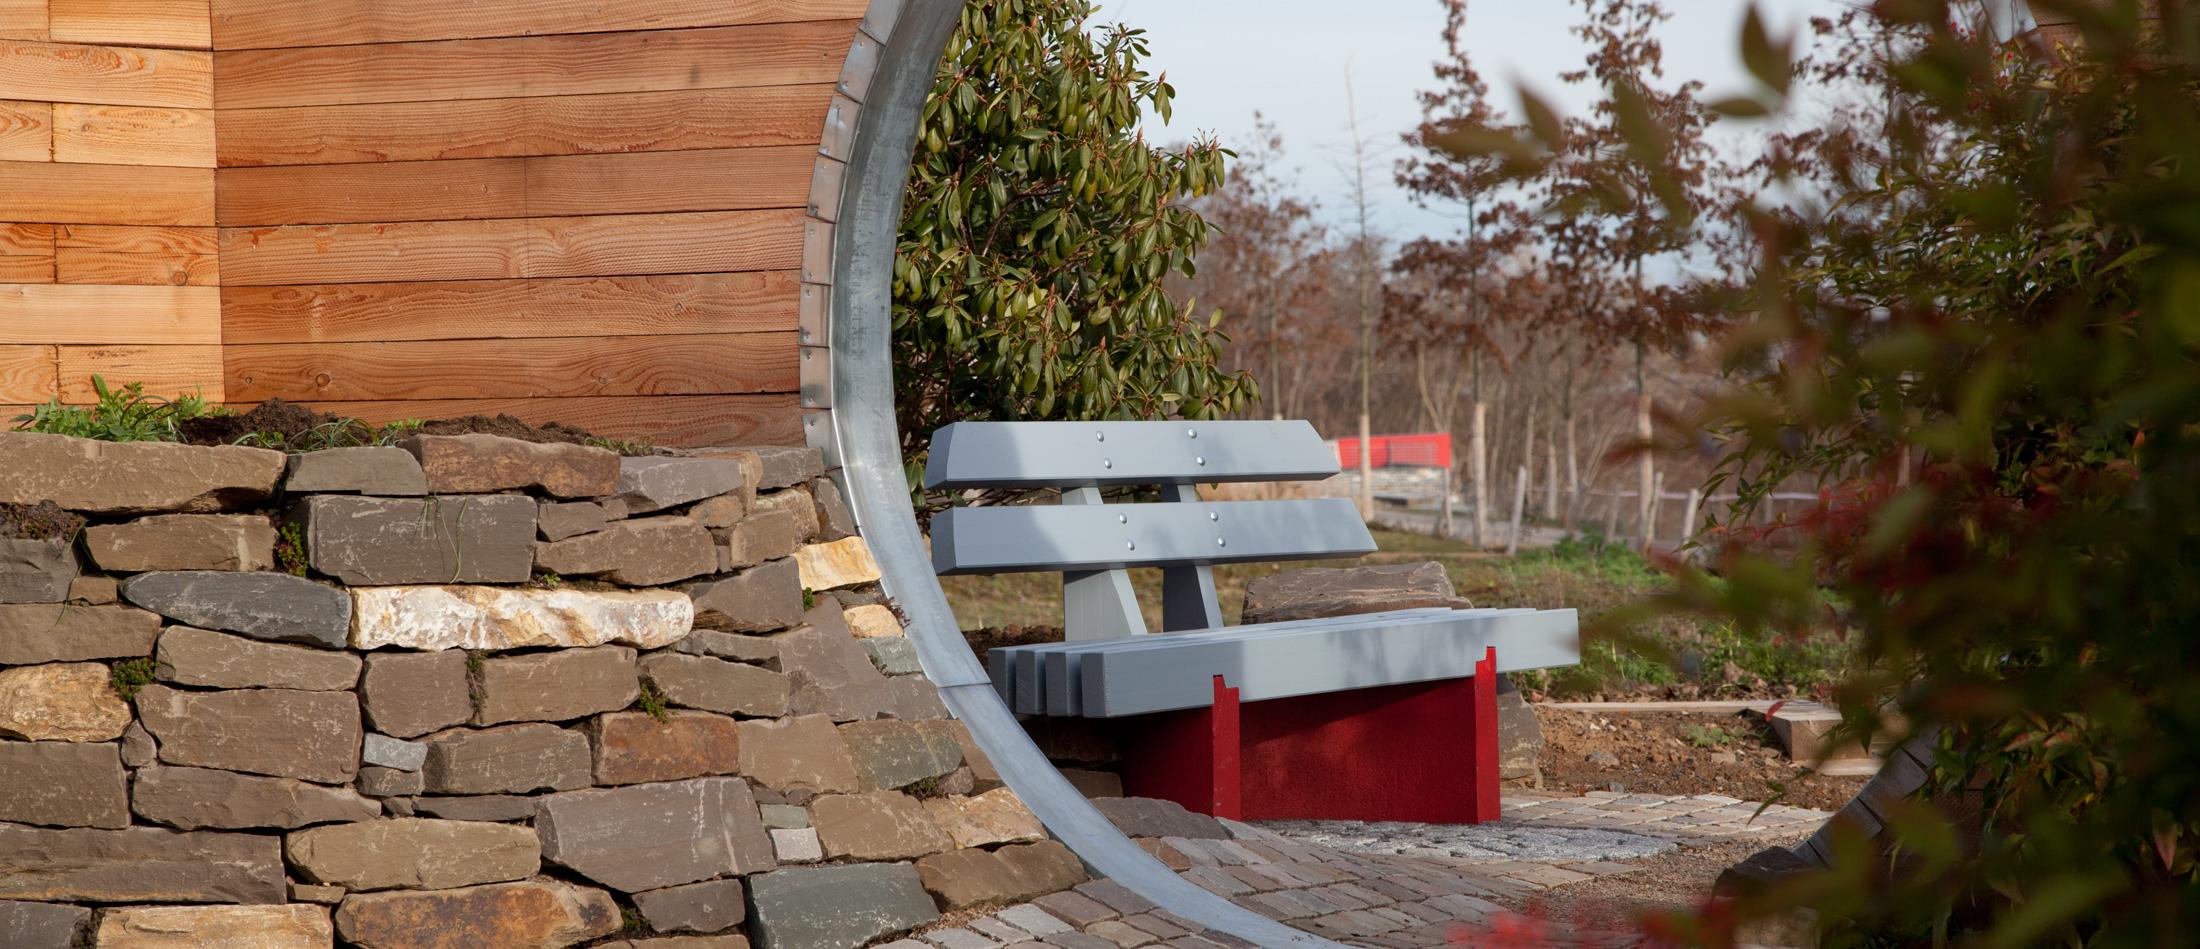 Garten Landschaftsbau Köln ausbildung gebr conrad